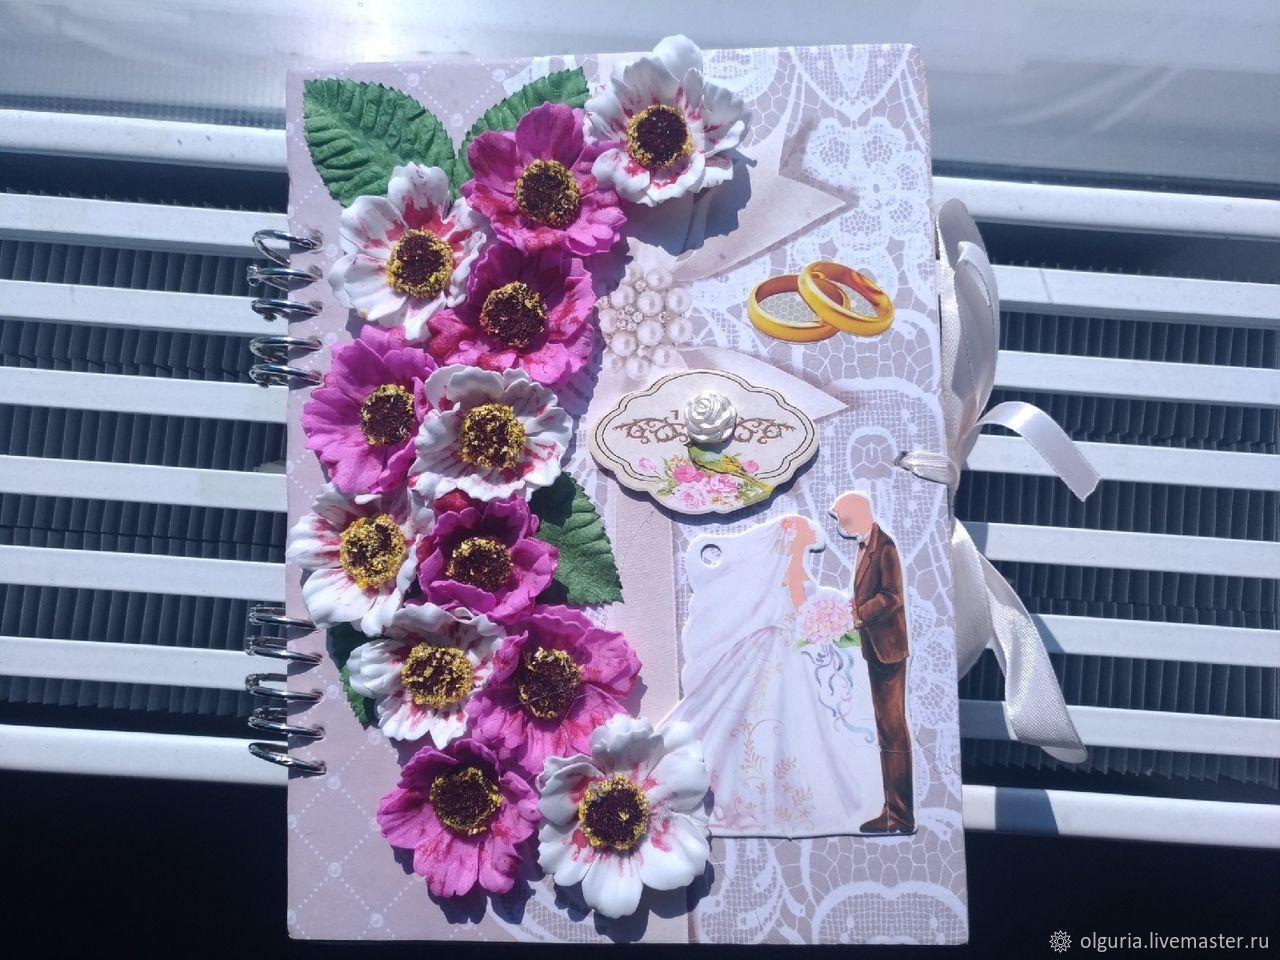 Подарки на свадьбу ручной работы. Ярмарка Мастеров - ручная работа. Купить Сберкнижка для молодоженов. Handmade. Подарок, сберкнижка, ленточка